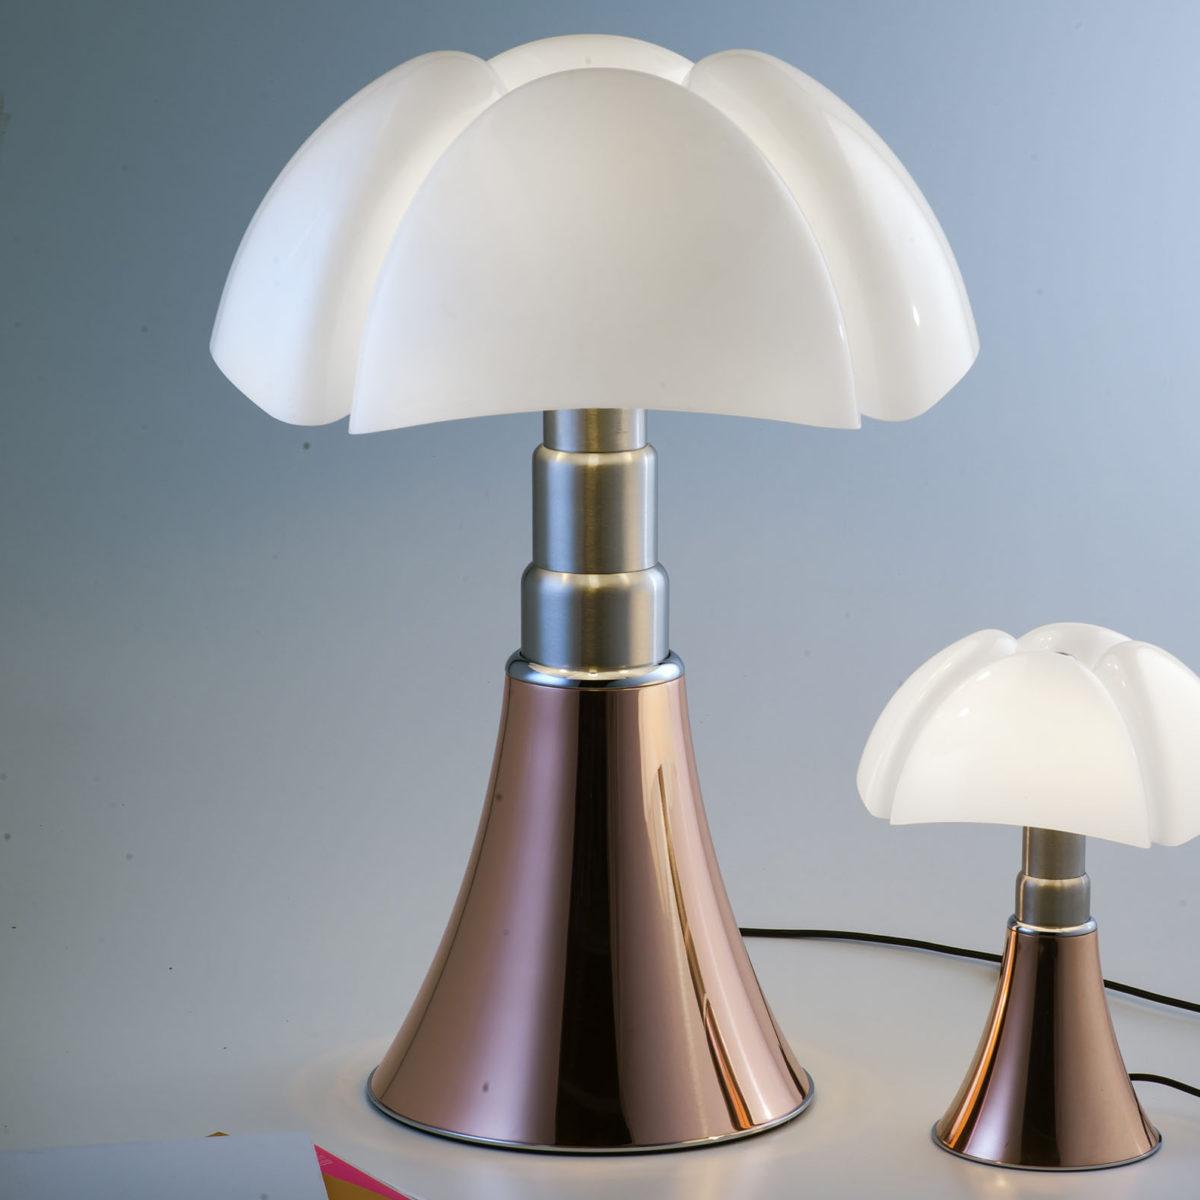 lampada-pippistrello